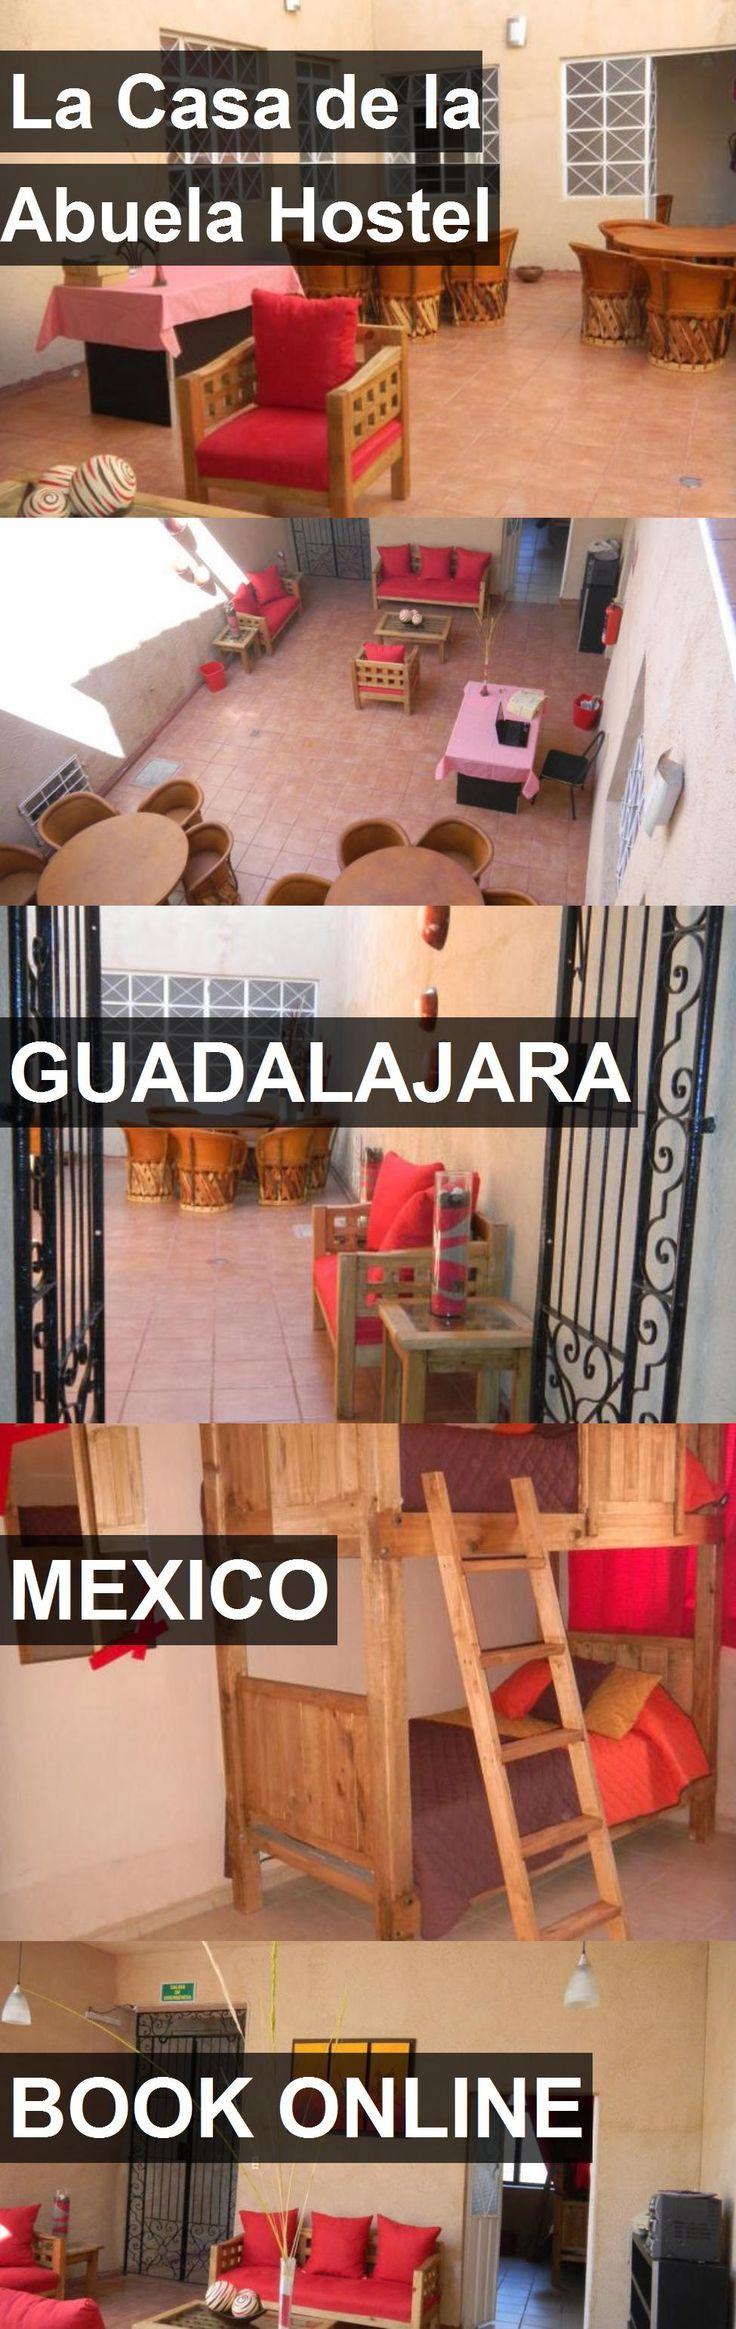 La Casa de la Abuela Hostel in Guadalajara, Mexico. For more information, photos, reviews and best prices please follow the link. #Mexico #Guadalajara #travel #vacation #hostel